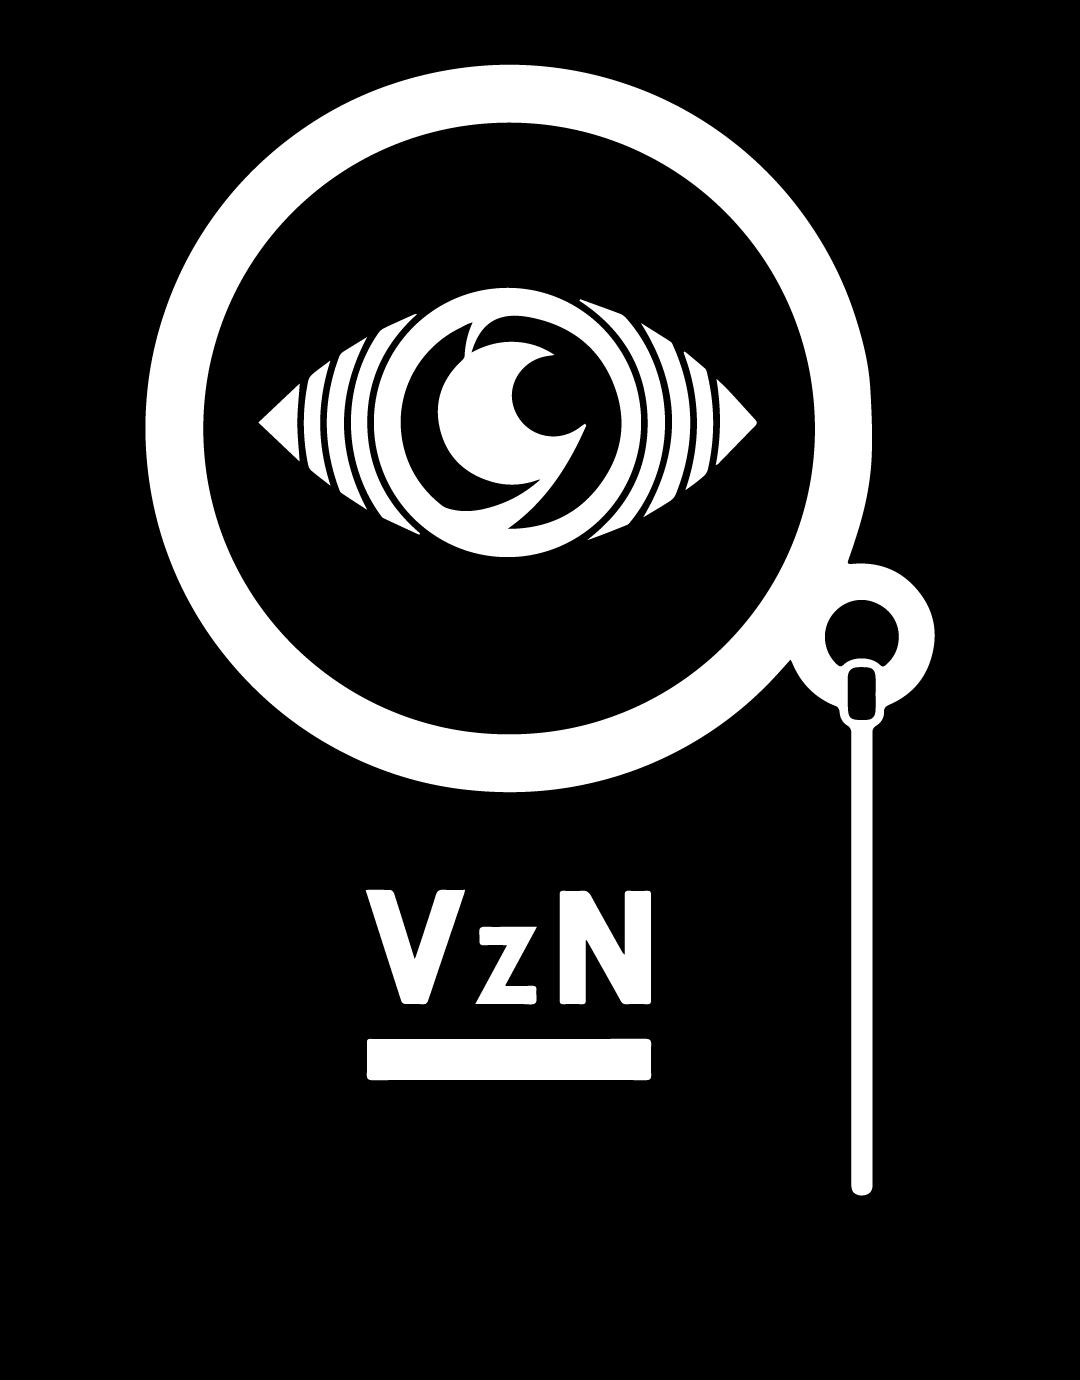 vzn logo bw.jpg